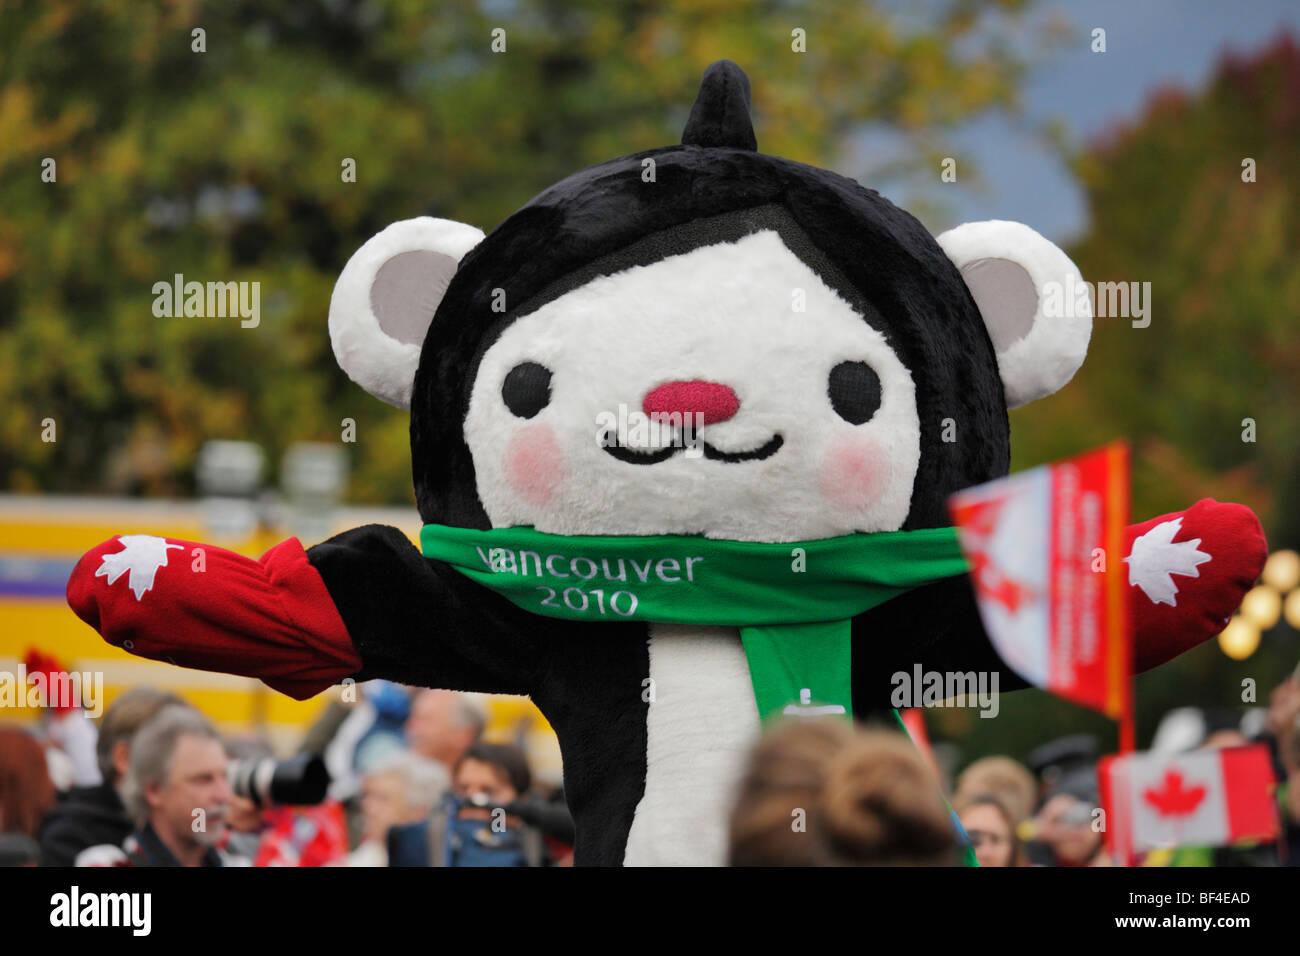 Juegos Olimpicos De Invierno De 2010 Mascota Interpretando En Frente